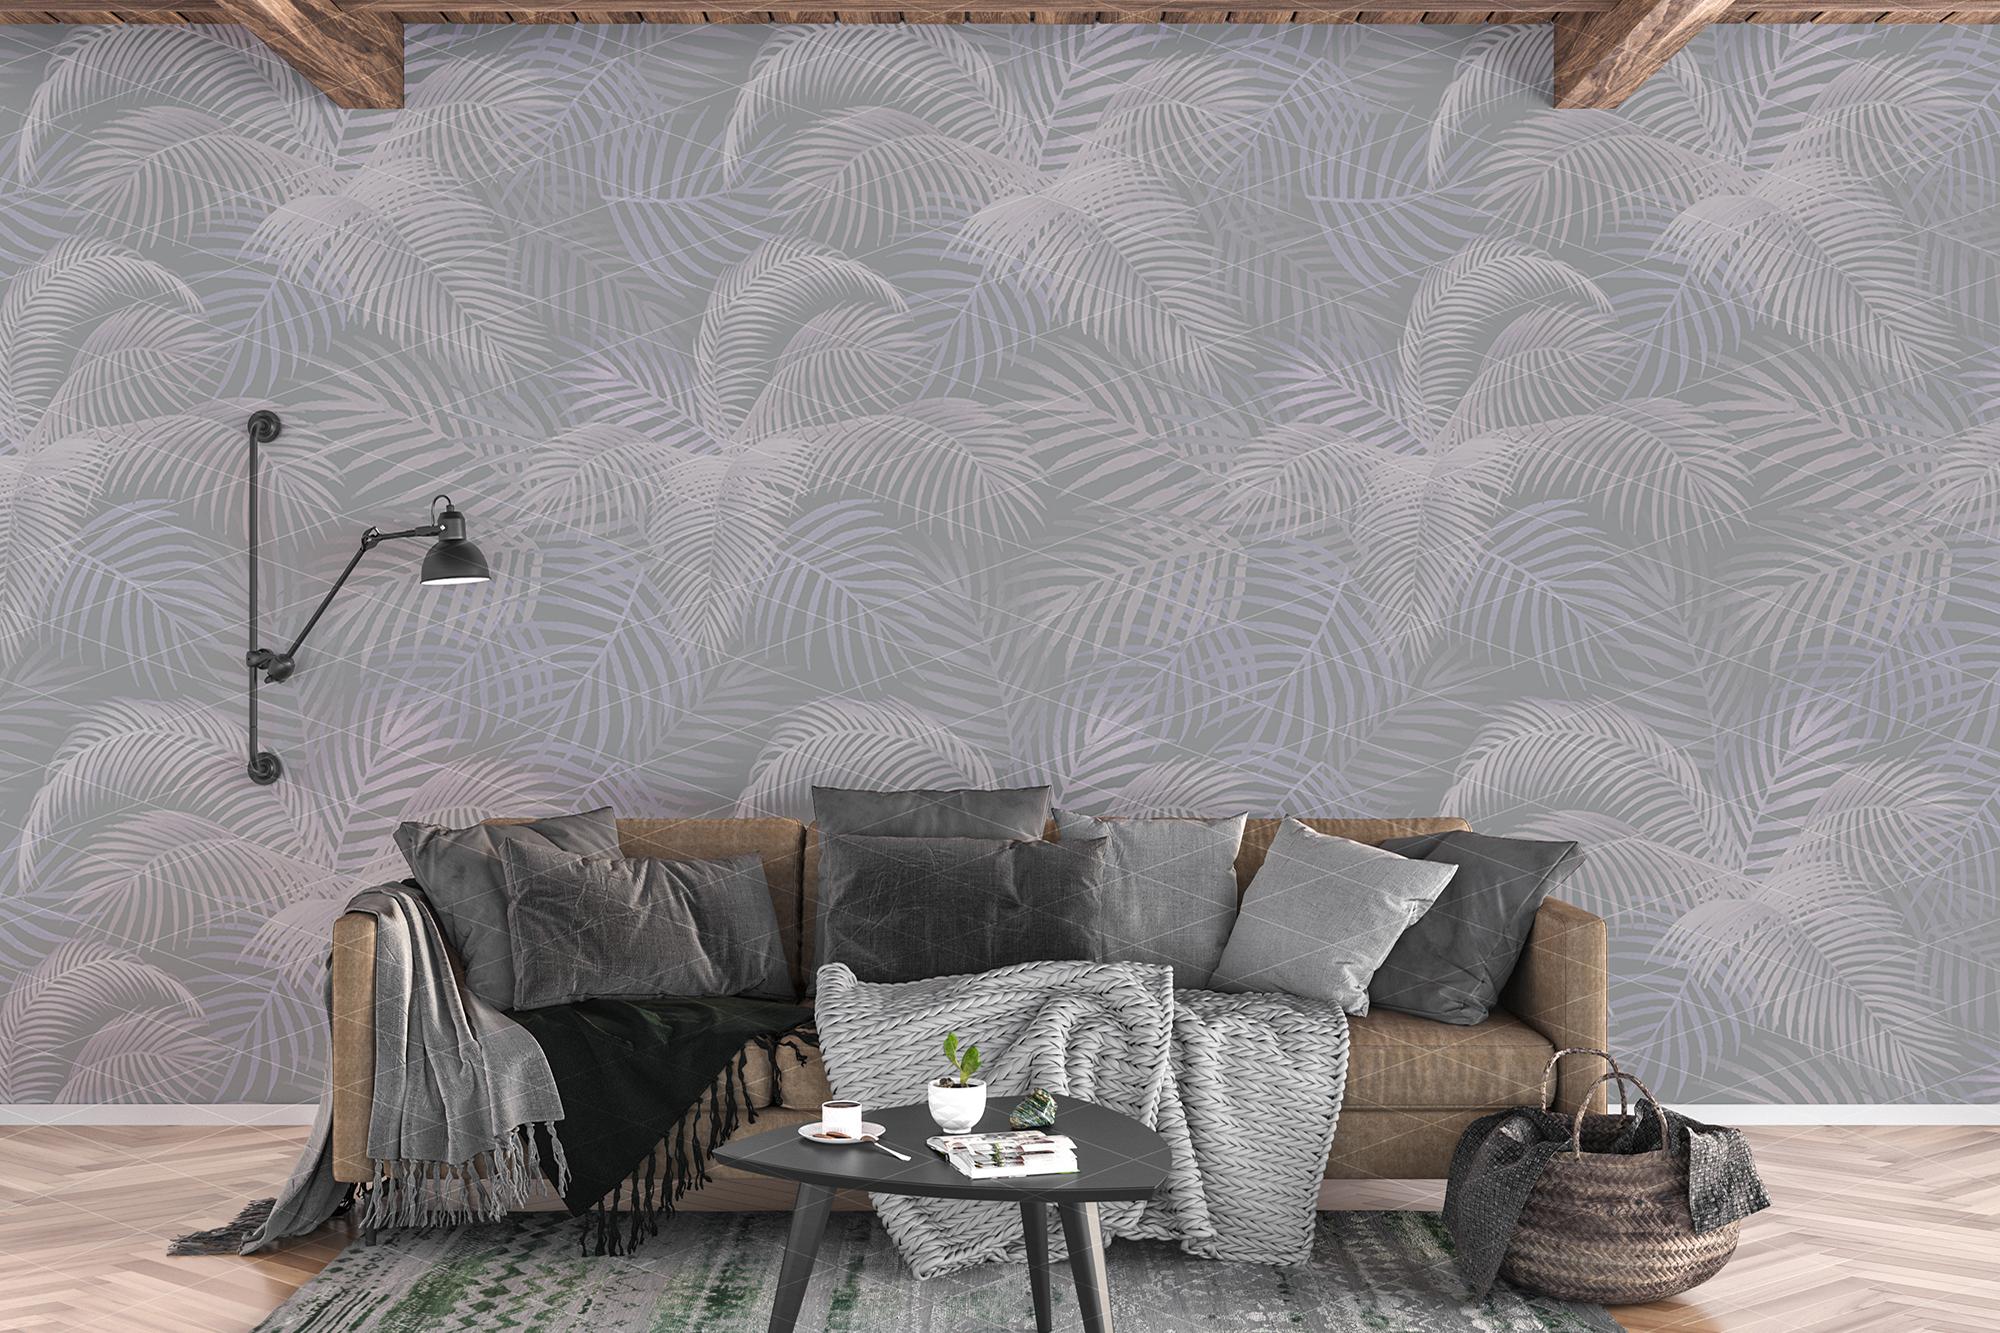 Wall mockup - wallpaper mock up example image 4